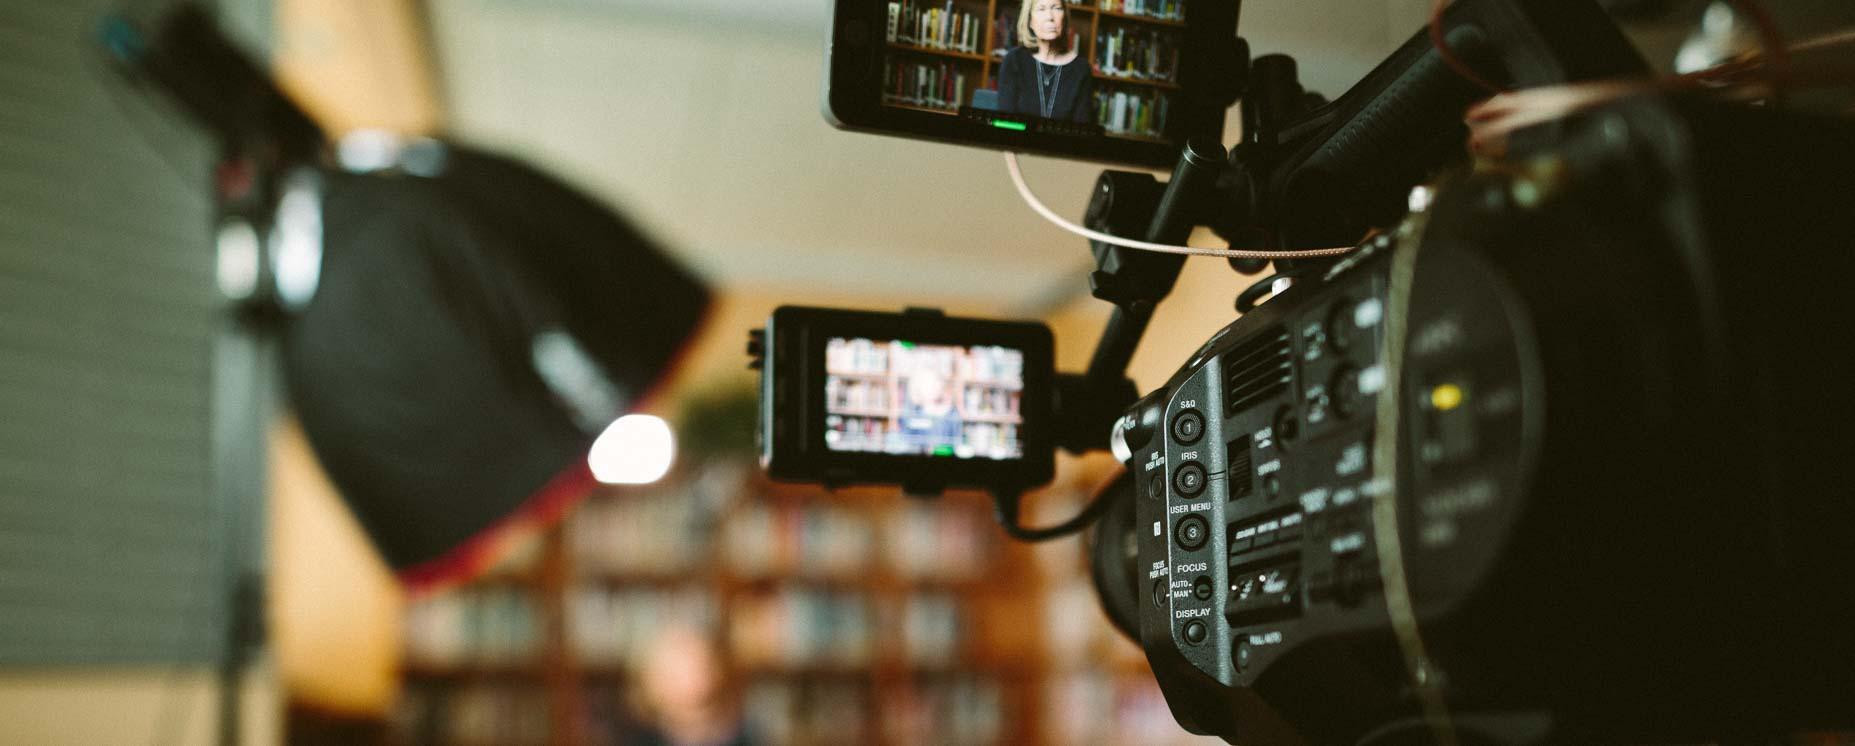 Jur Wiersema Multimedia videobedrijf livestream Groningen Nederland